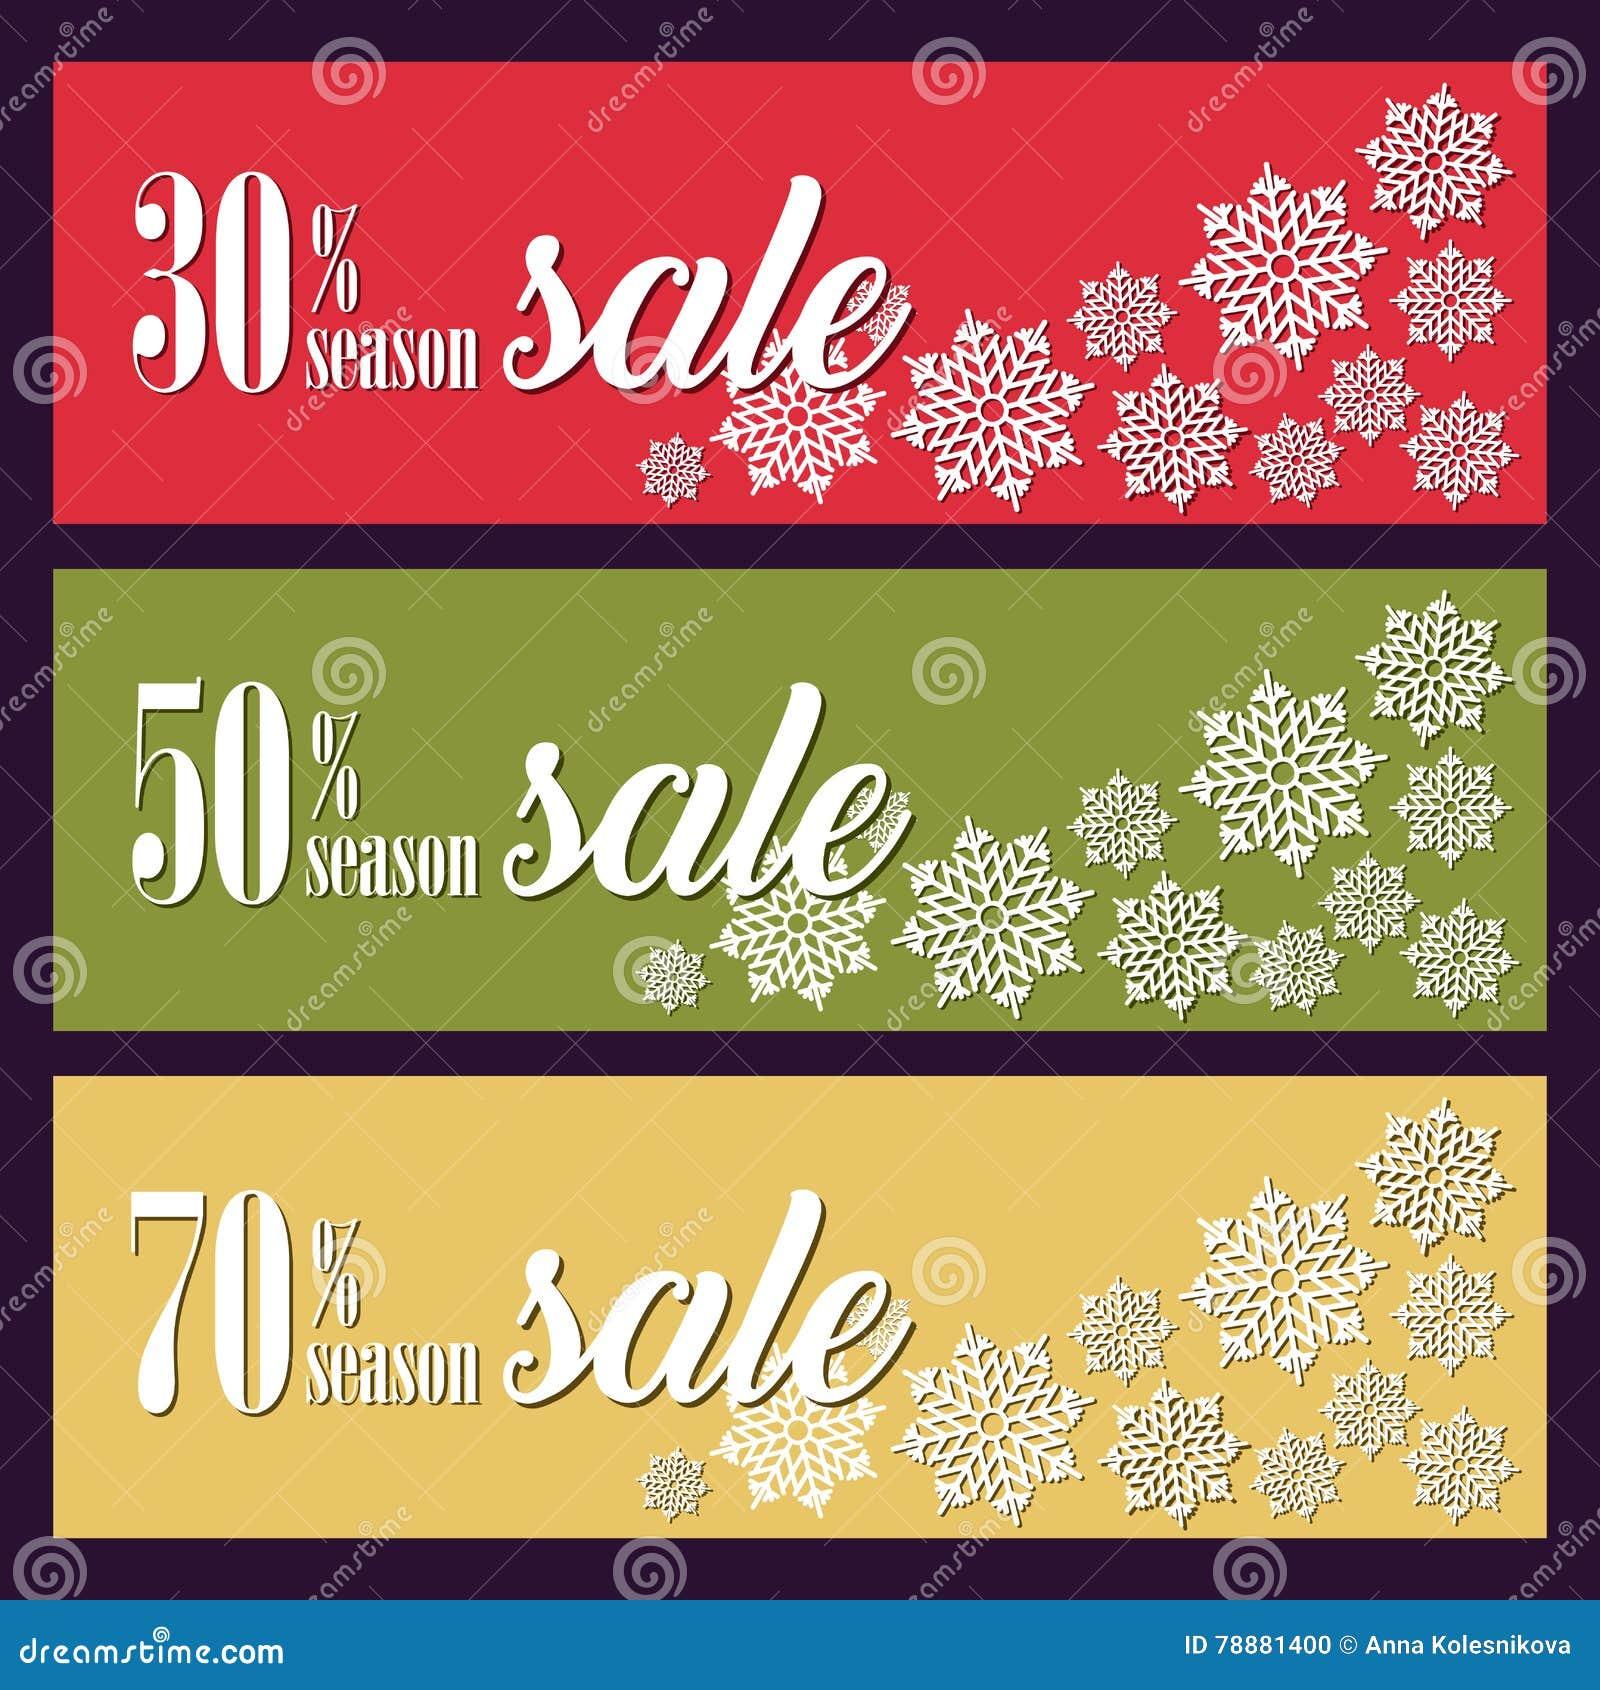 Hintergrund Mit Weihnachtsdekorationen Für Fahnen, Werbung ...